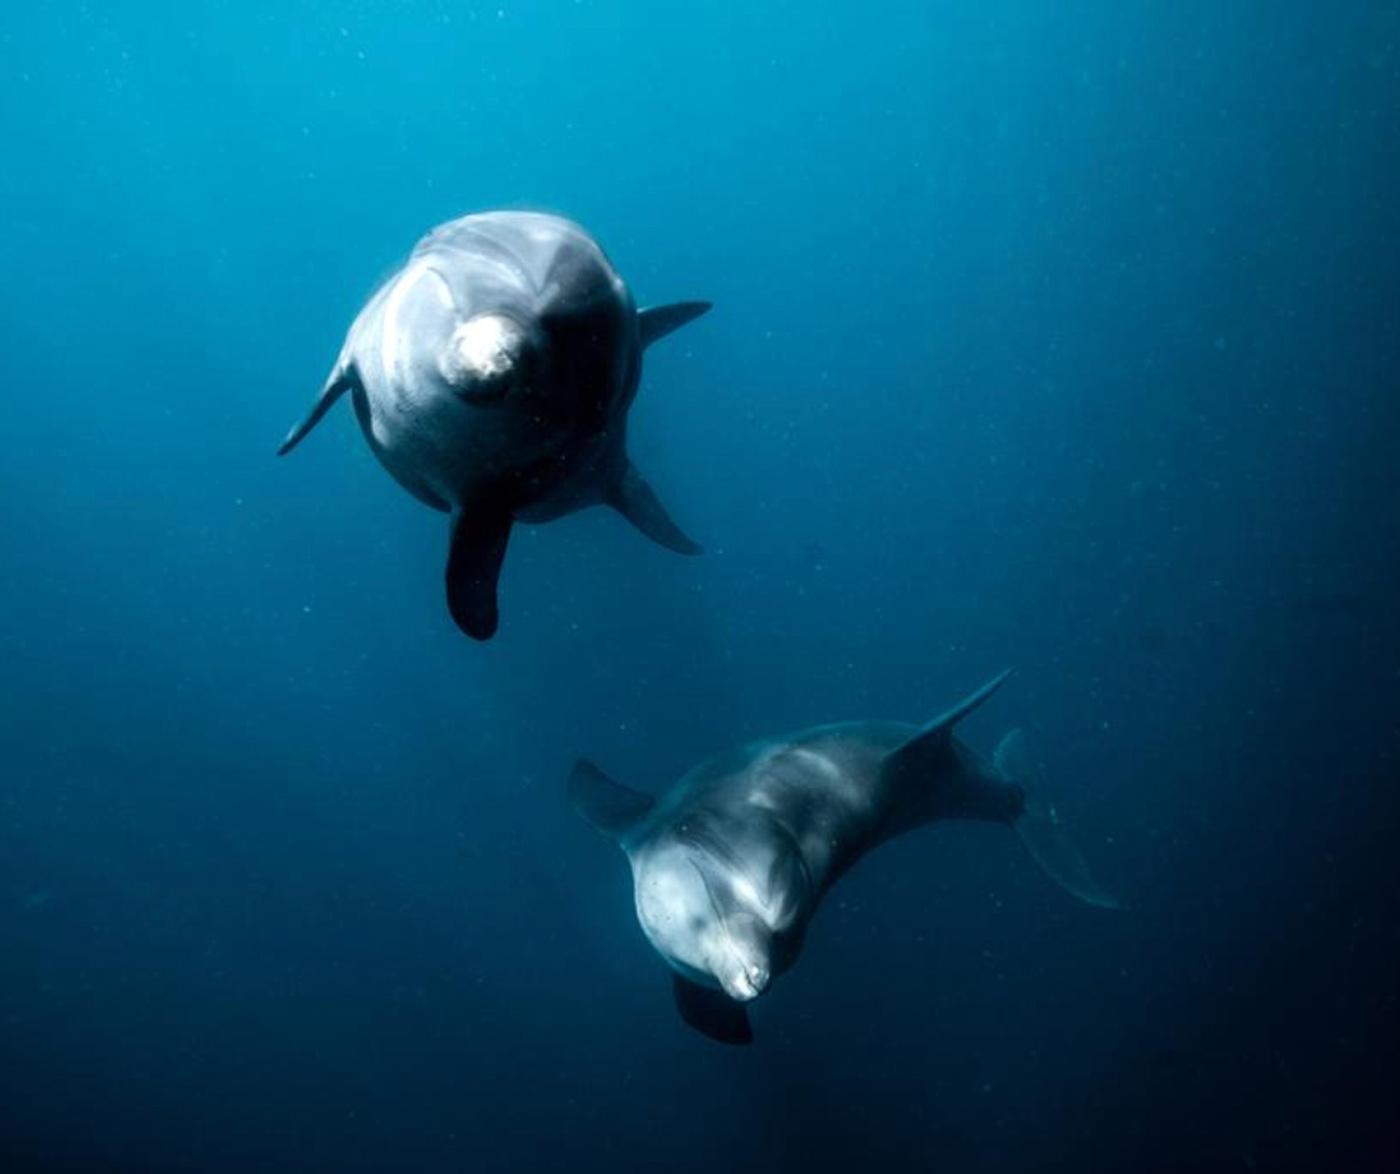 救助されたイルカがサンクチュアリーの深い海水で泳ぎます